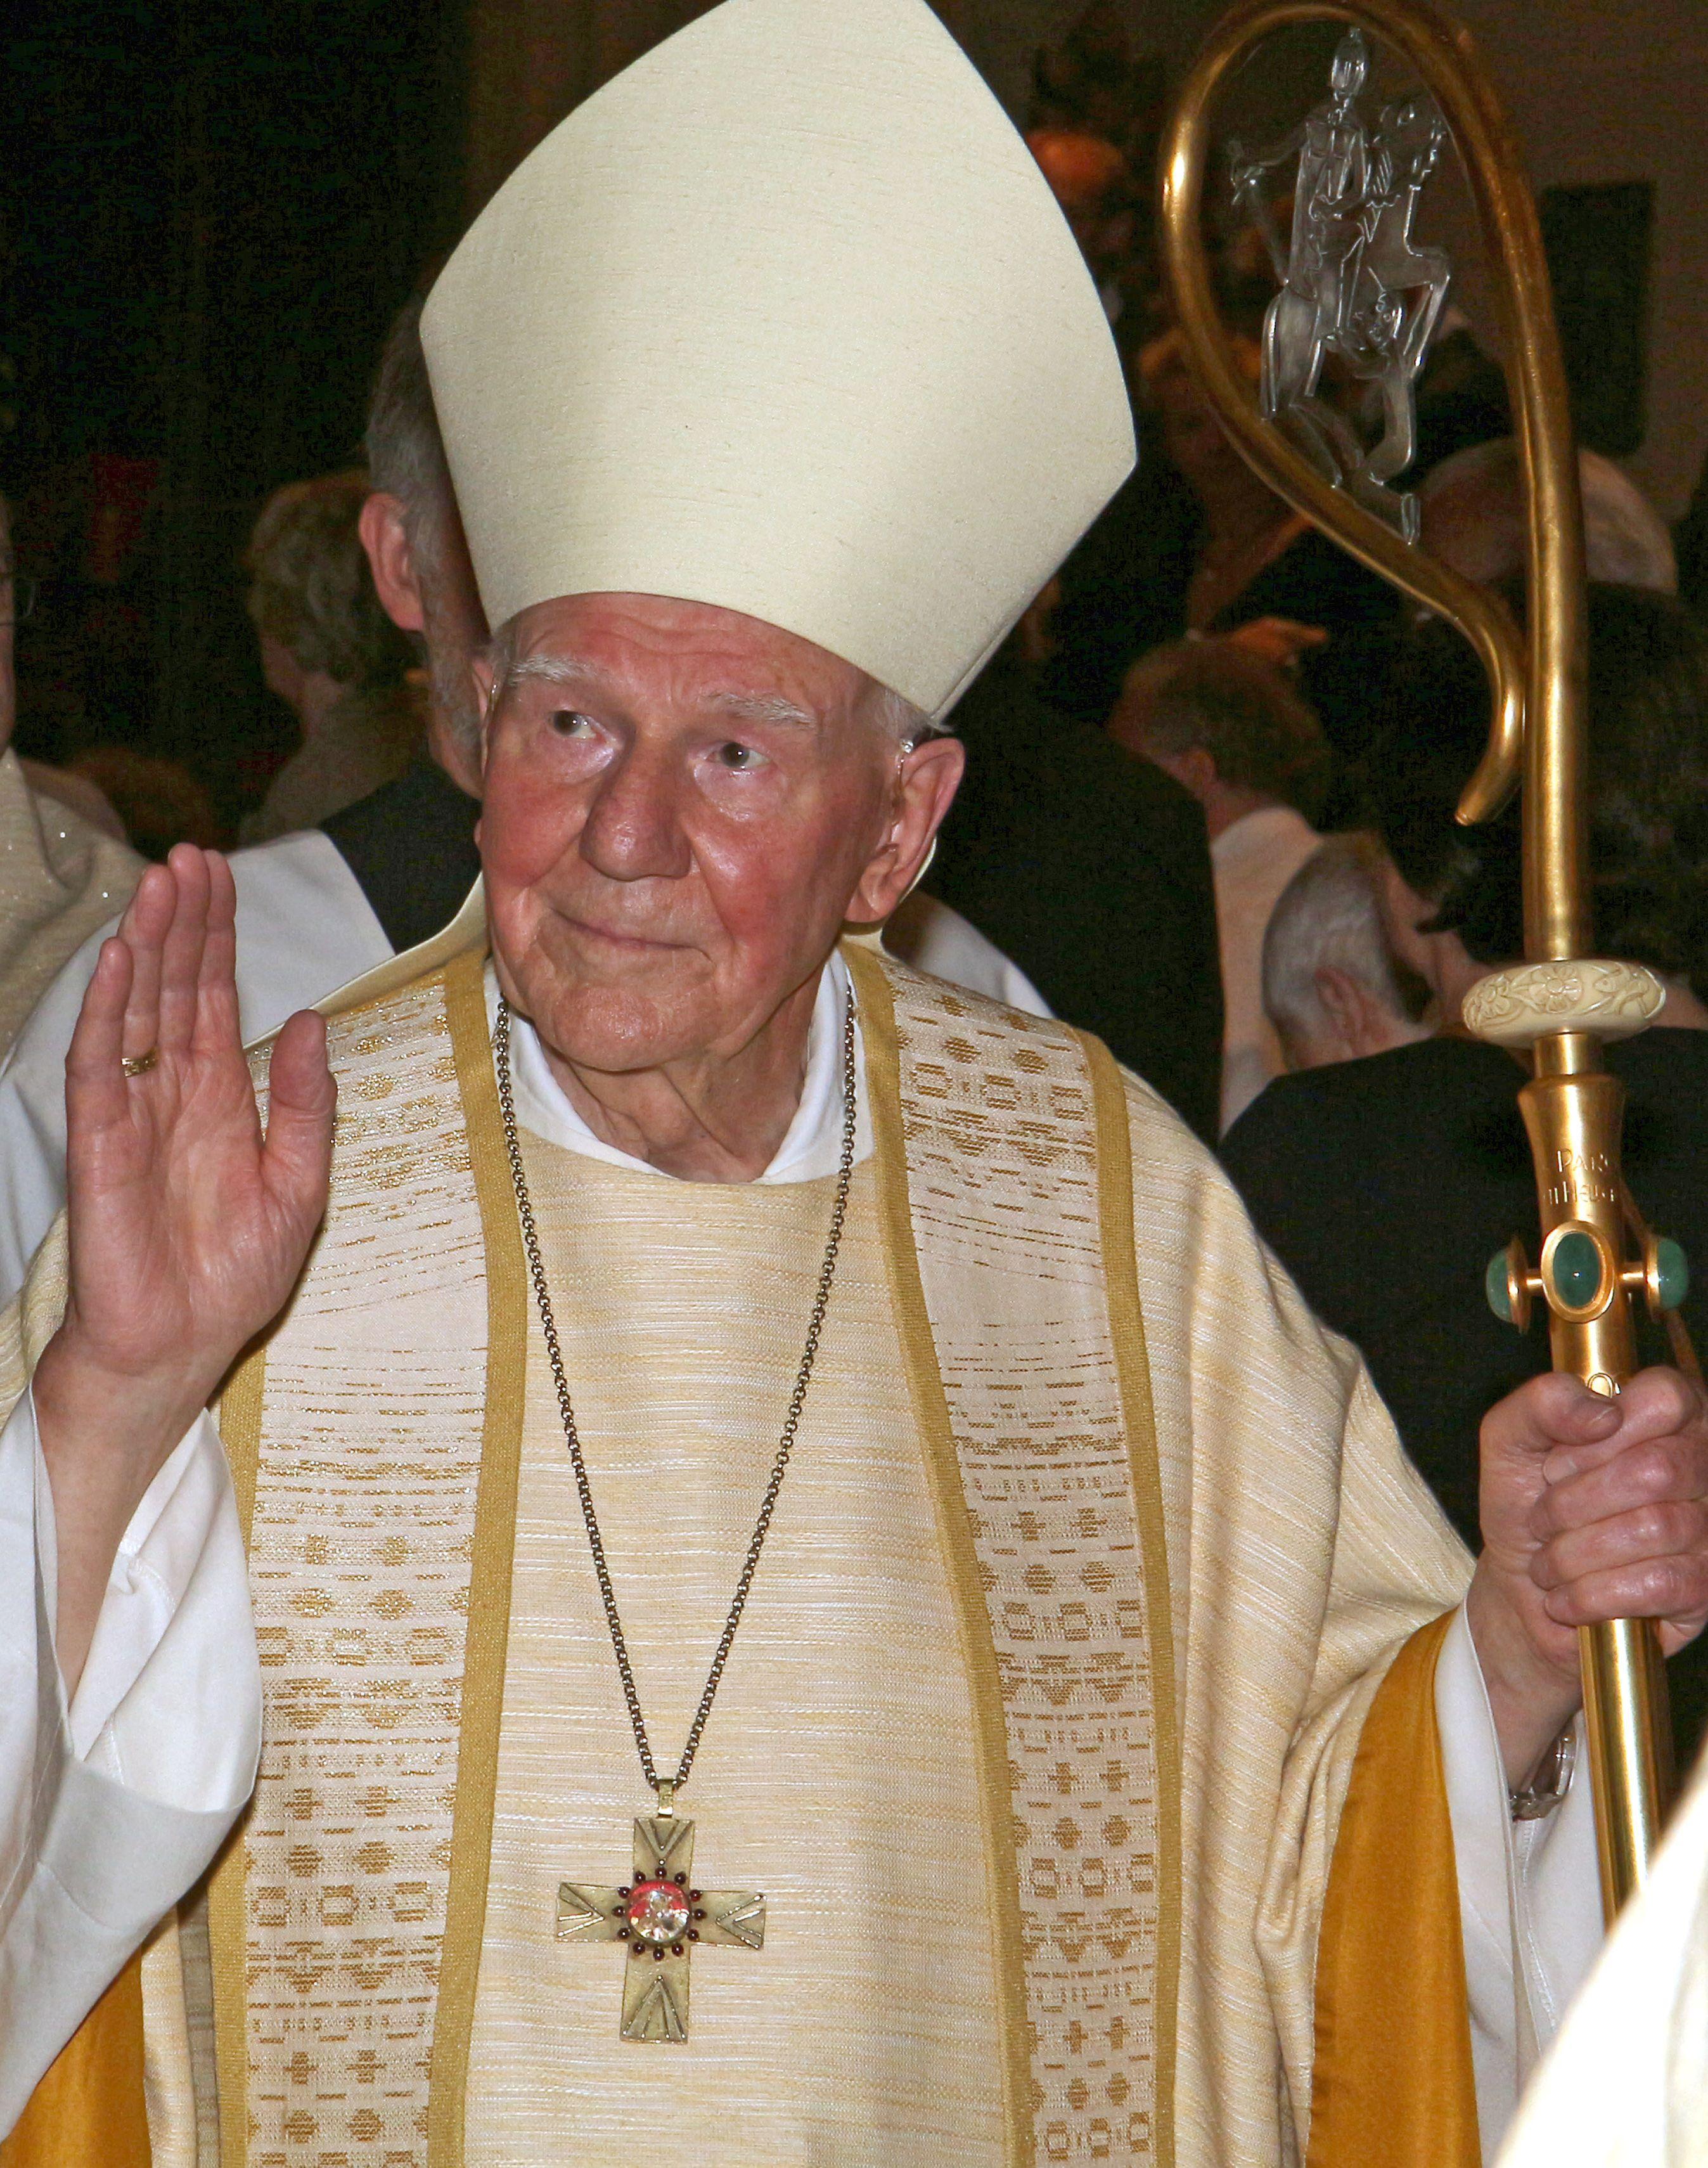 Altweihbischof Hans-Reinhard Koch liegt im Sterben